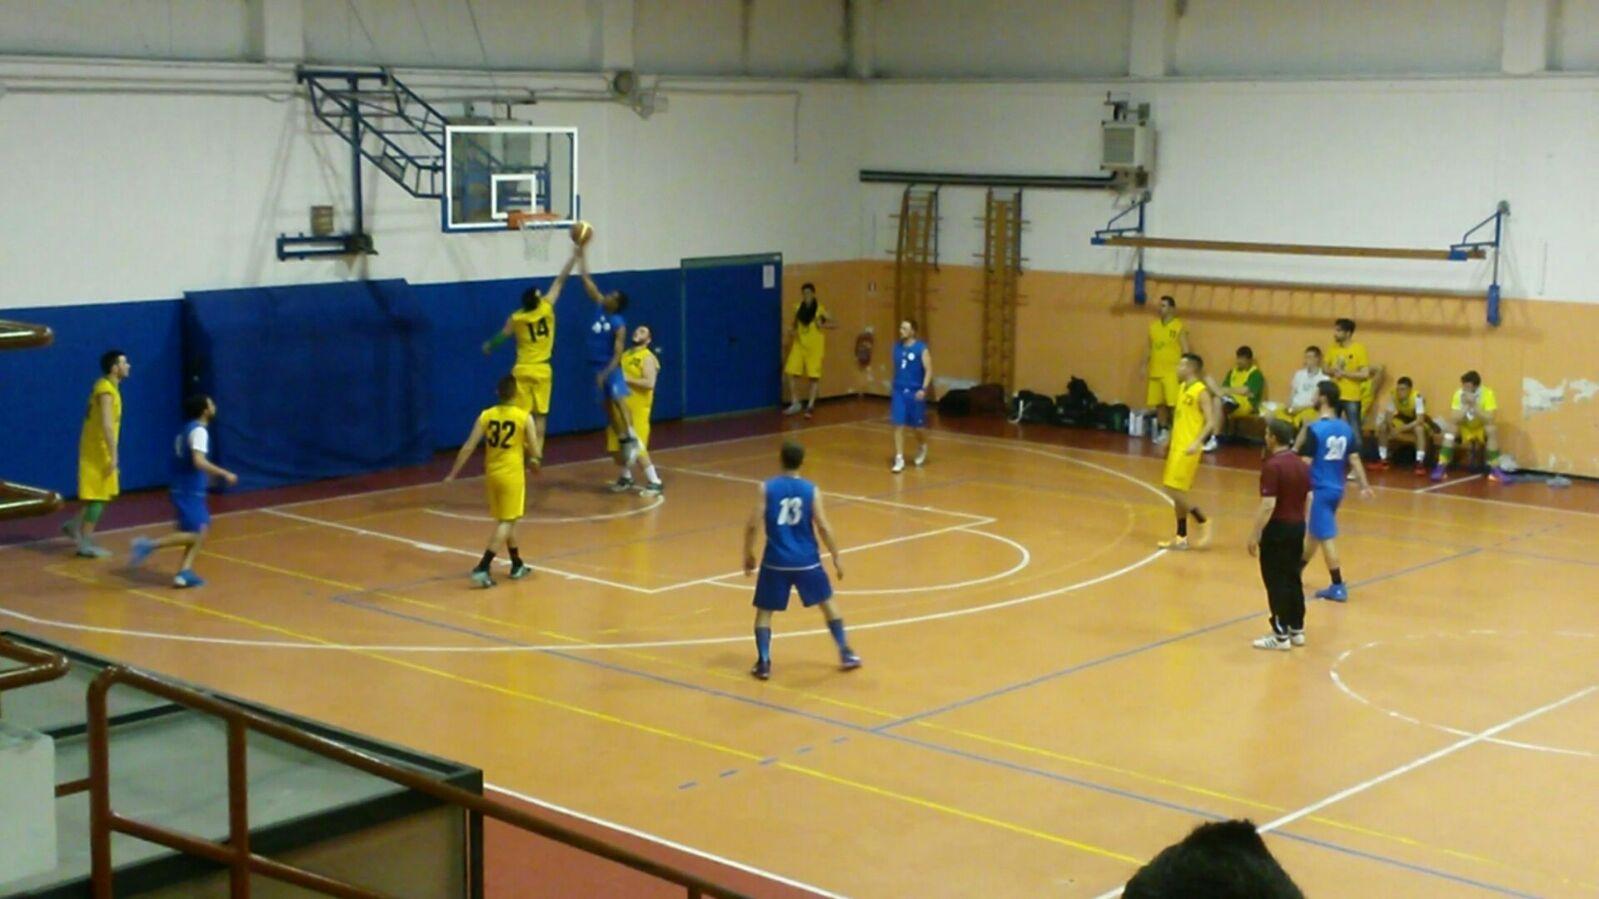 Torneo Uisp: il Basket Verbano inizia col piede giusto, Tradate sconfitto 88-74 in Gara1